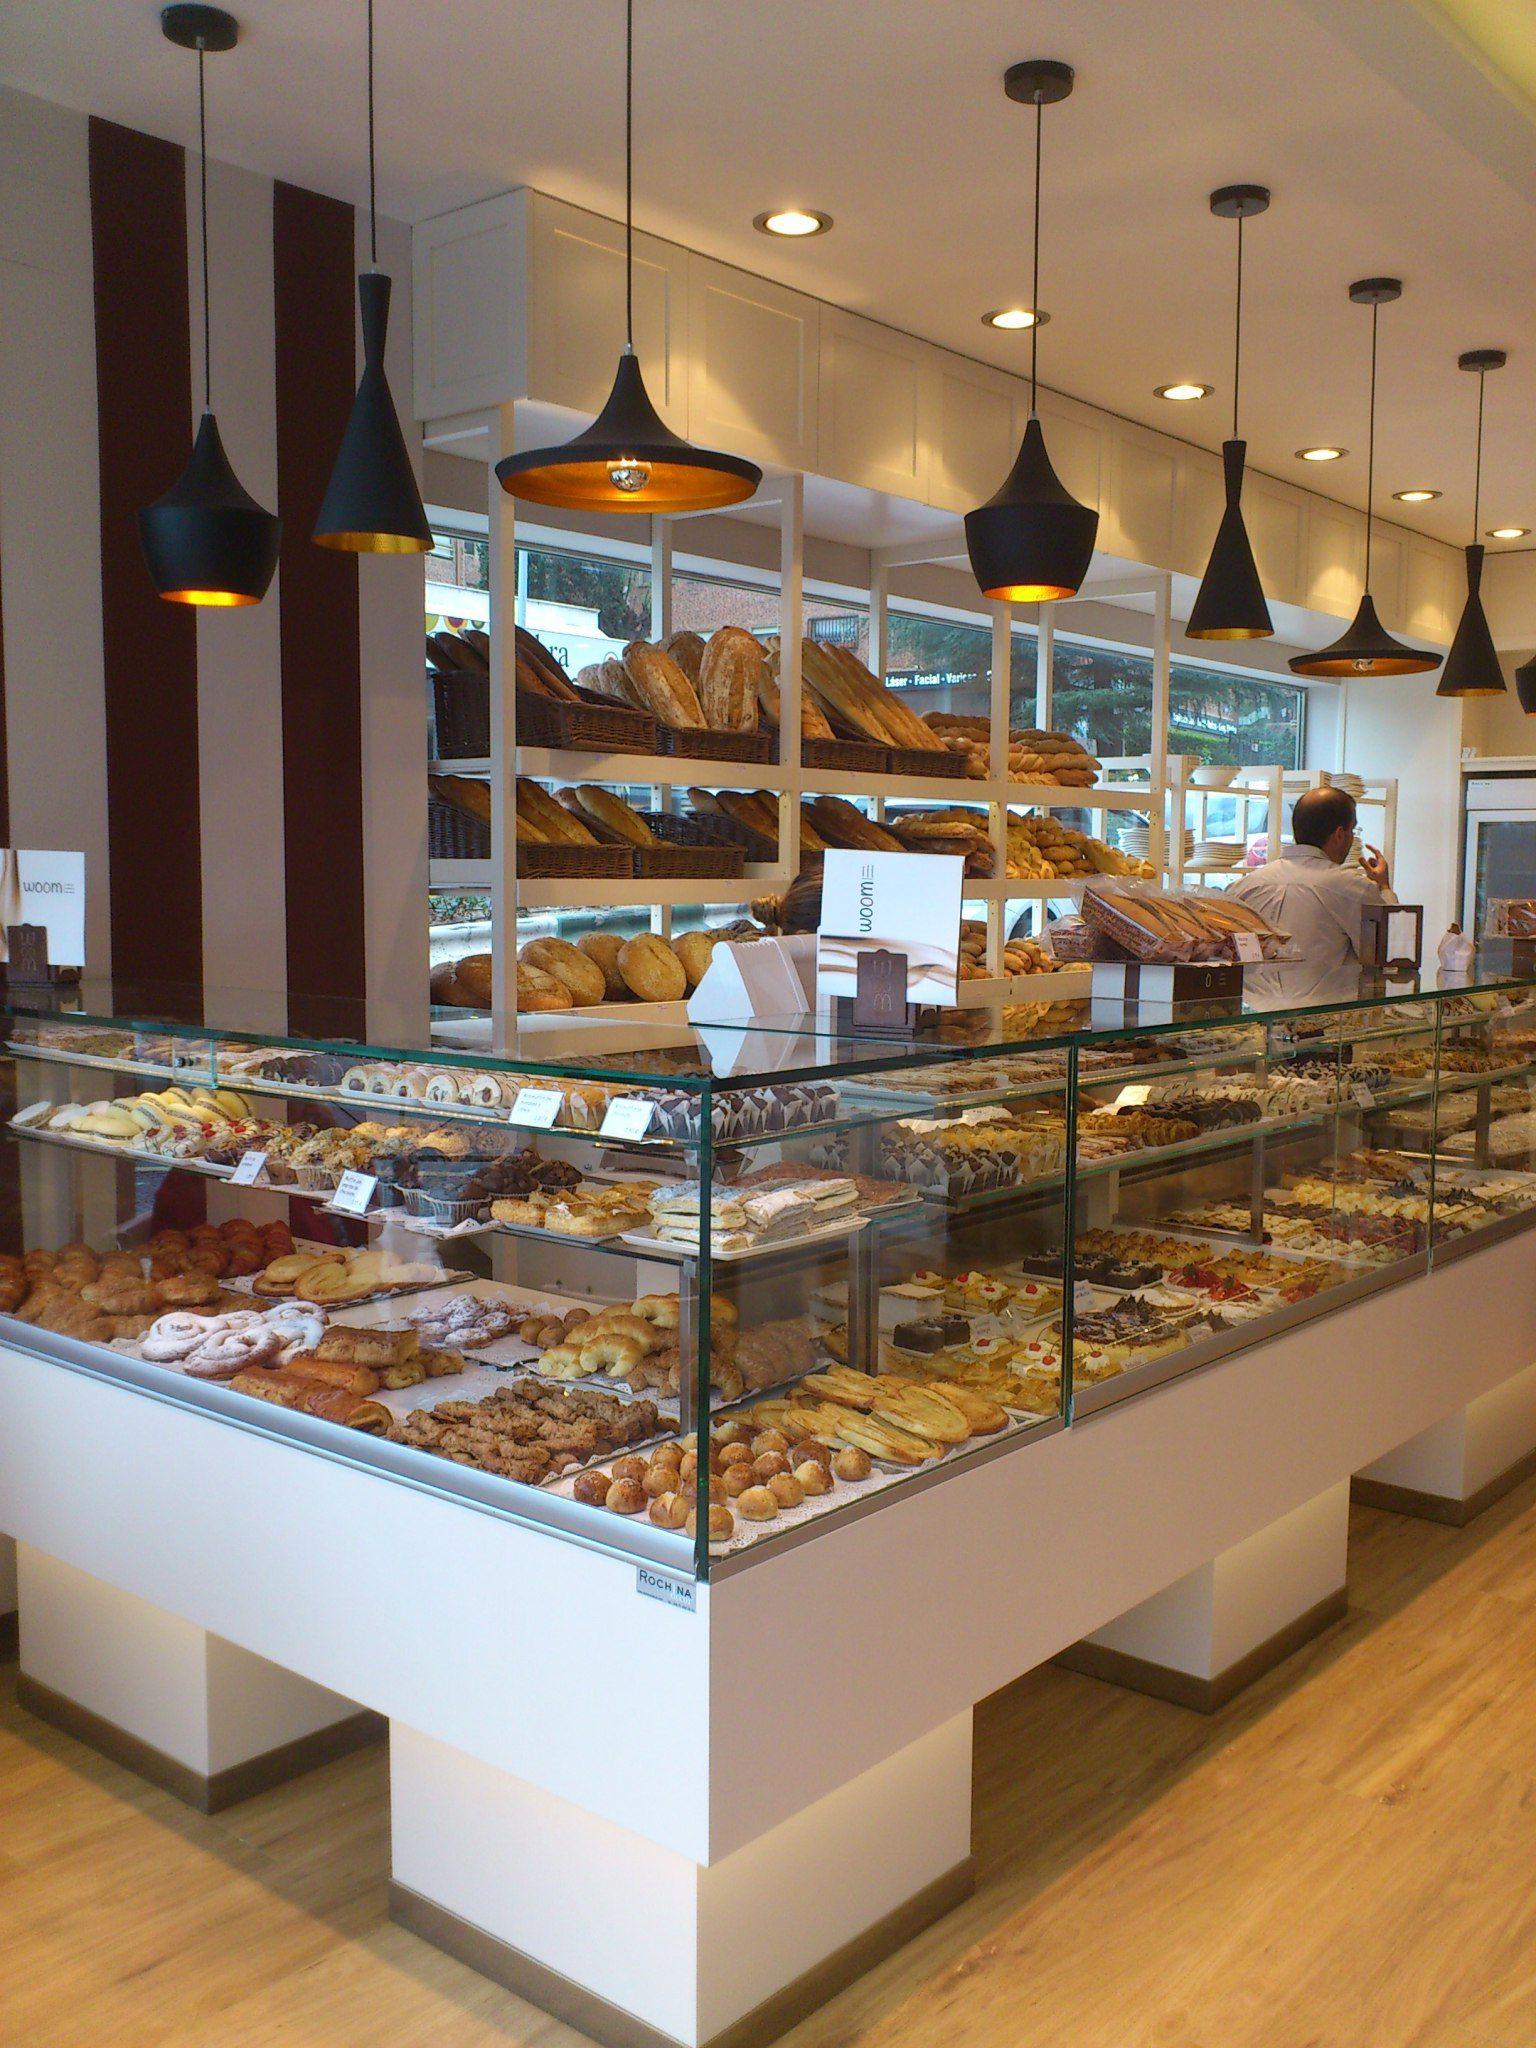 Decoracion diseno de panaderia rochinadecor 02 desayuno for Decoracion de interiores rustico